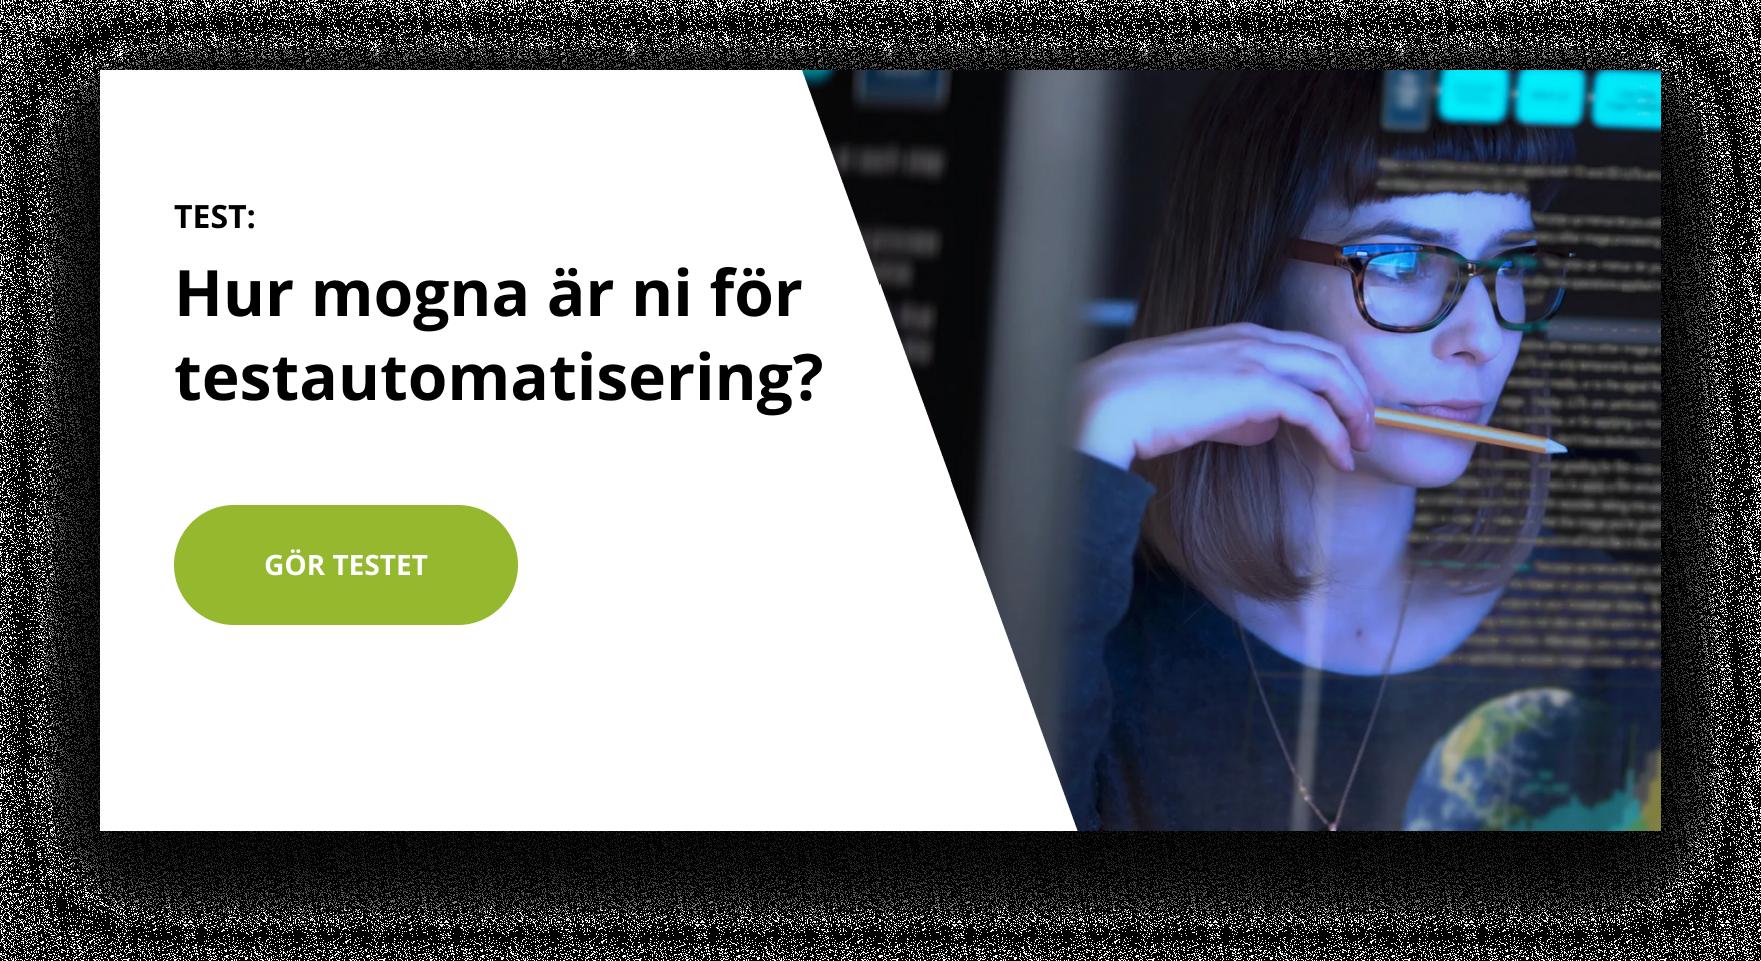 Test: Hur mogna är ni för testautomatisering